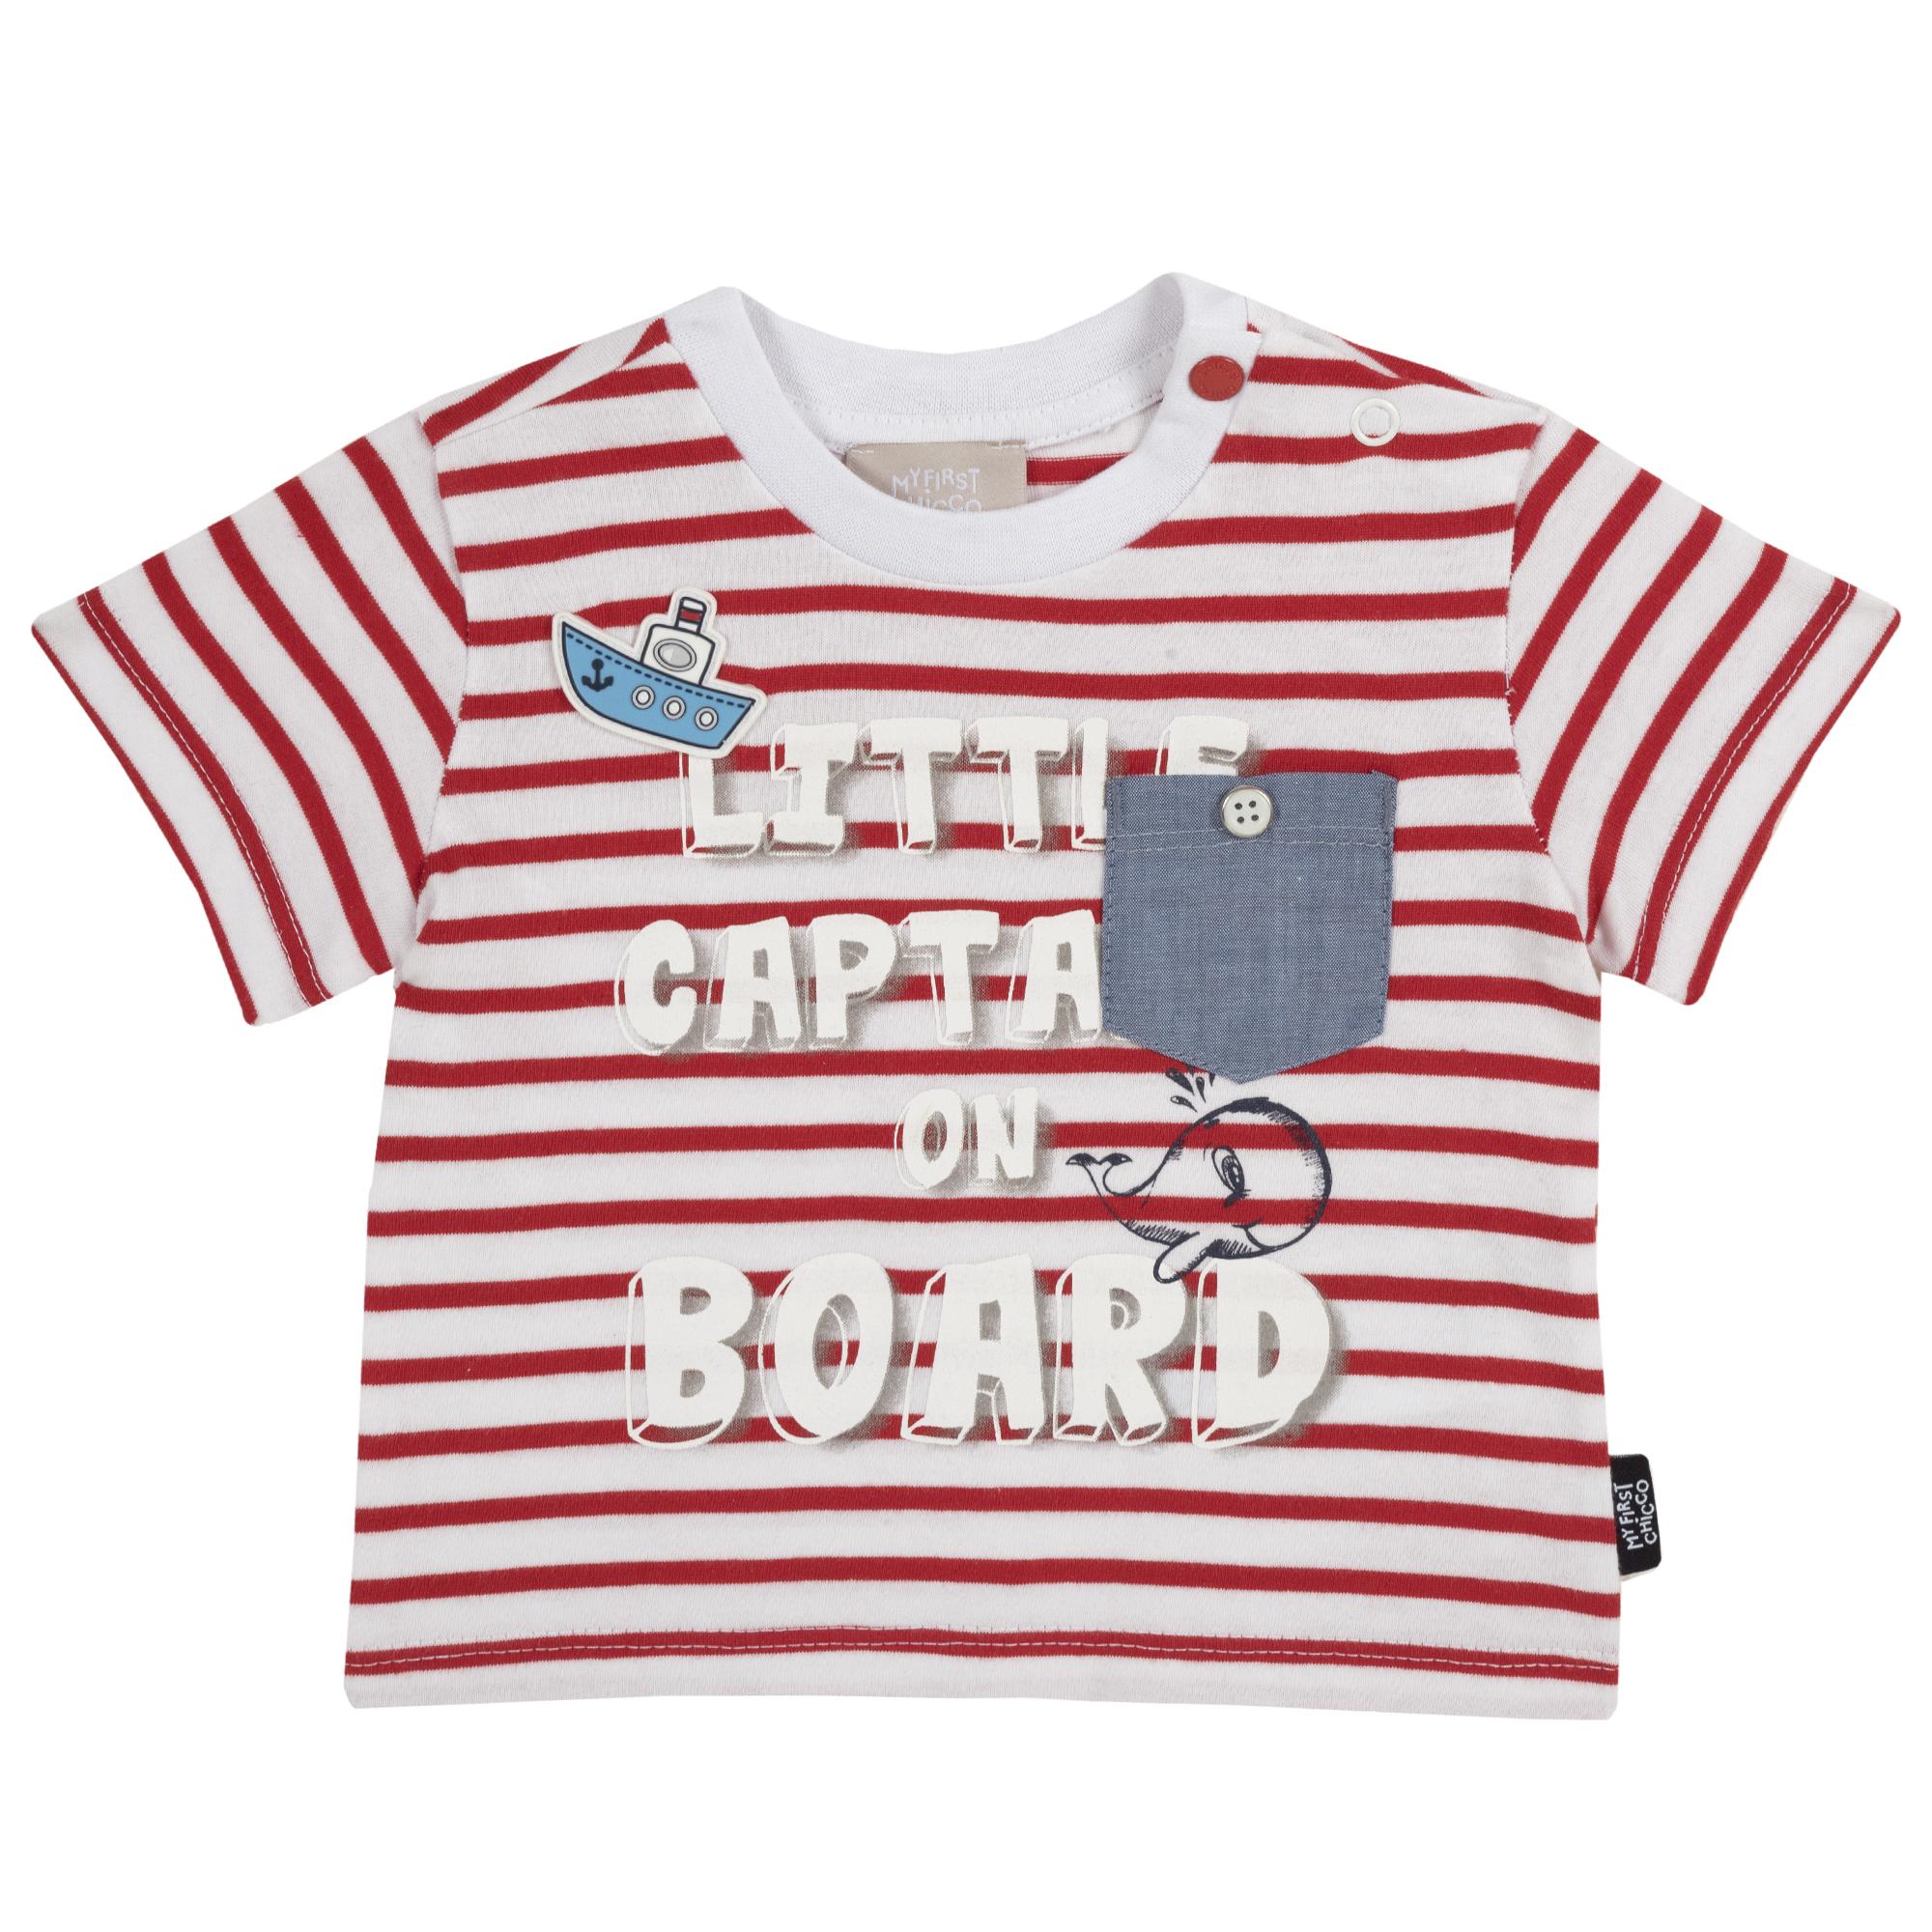 Tricou copii Chicco, maneca scurta, alb cu rosu, 06680 din categoria Tricouri copii